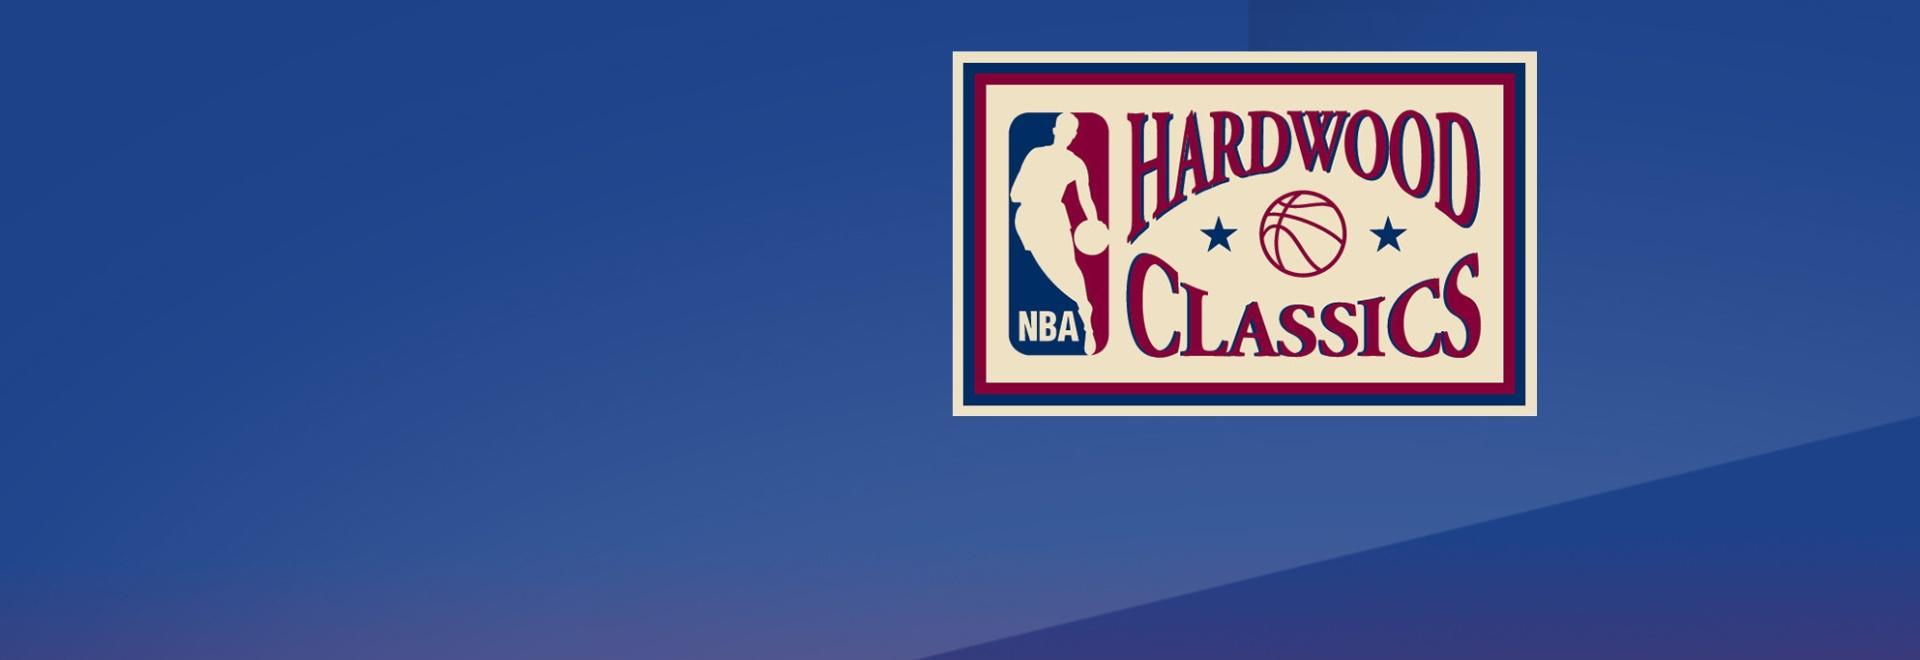 Heat - Spurs 2014. Game 5. Finals